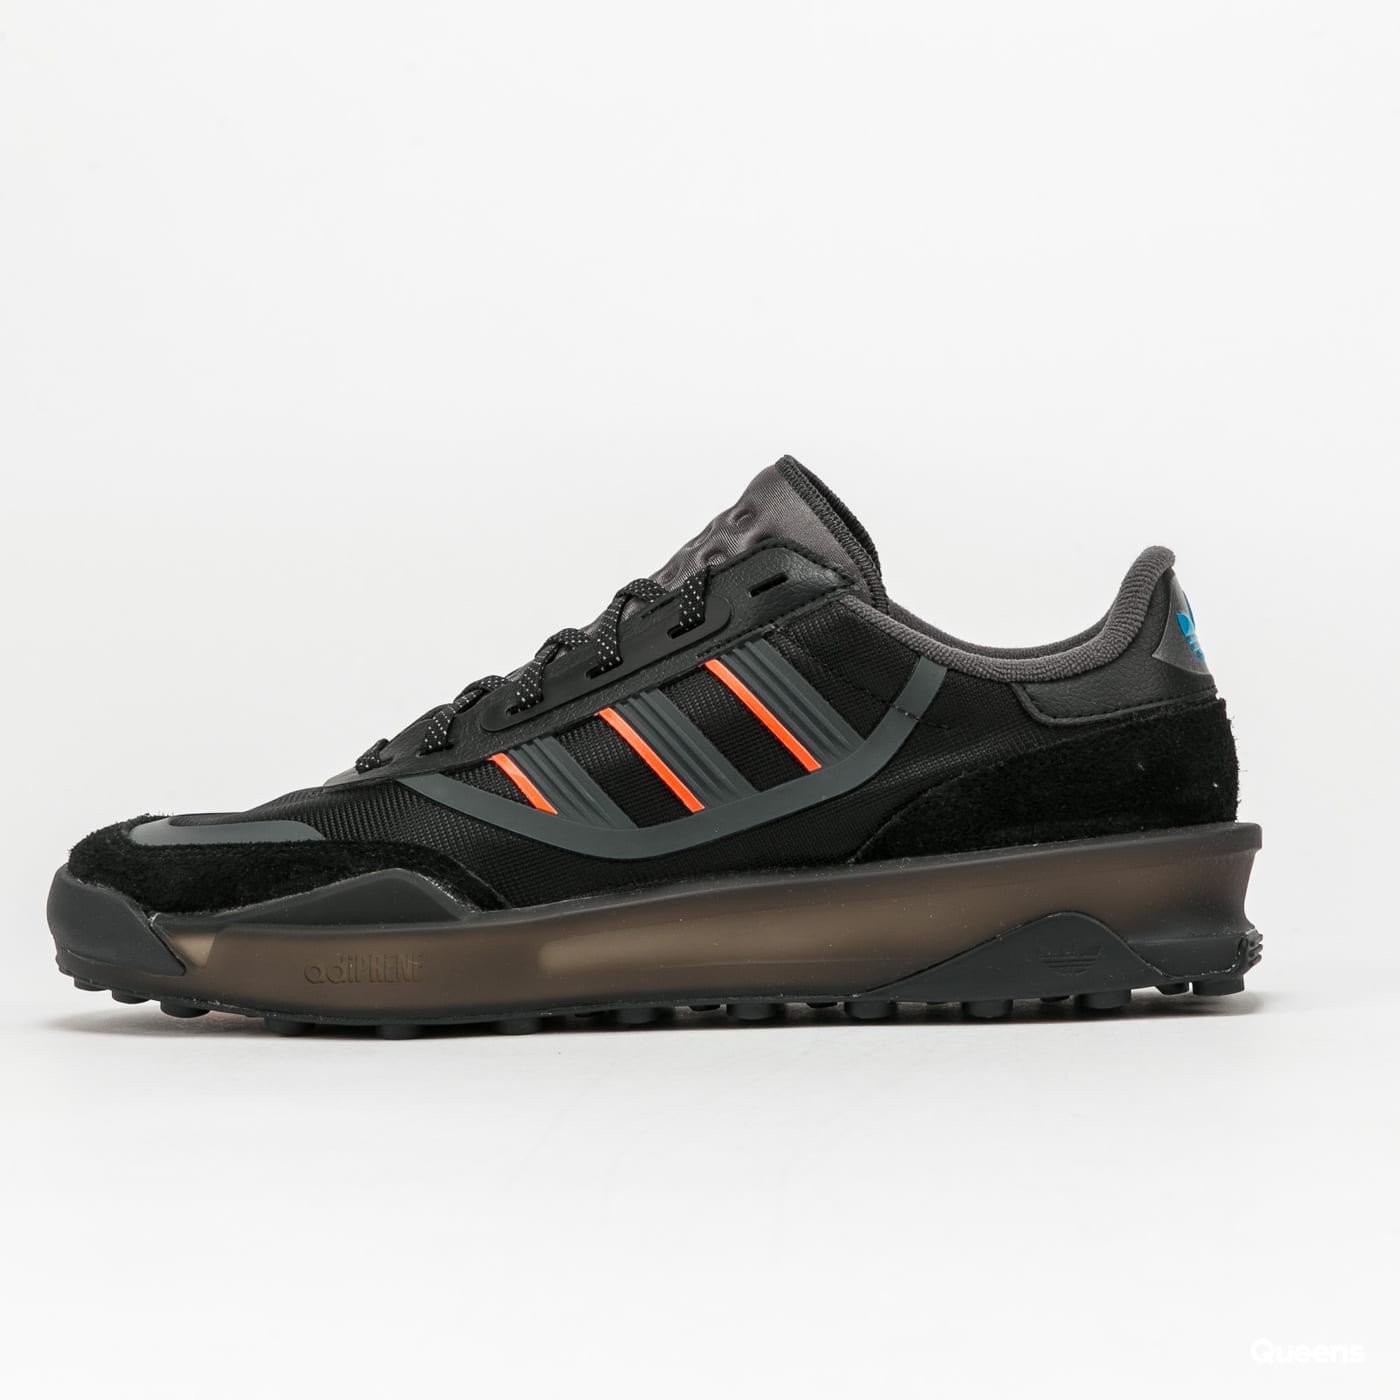 adidas Originals Indoor CT cblack / siggnr / solred